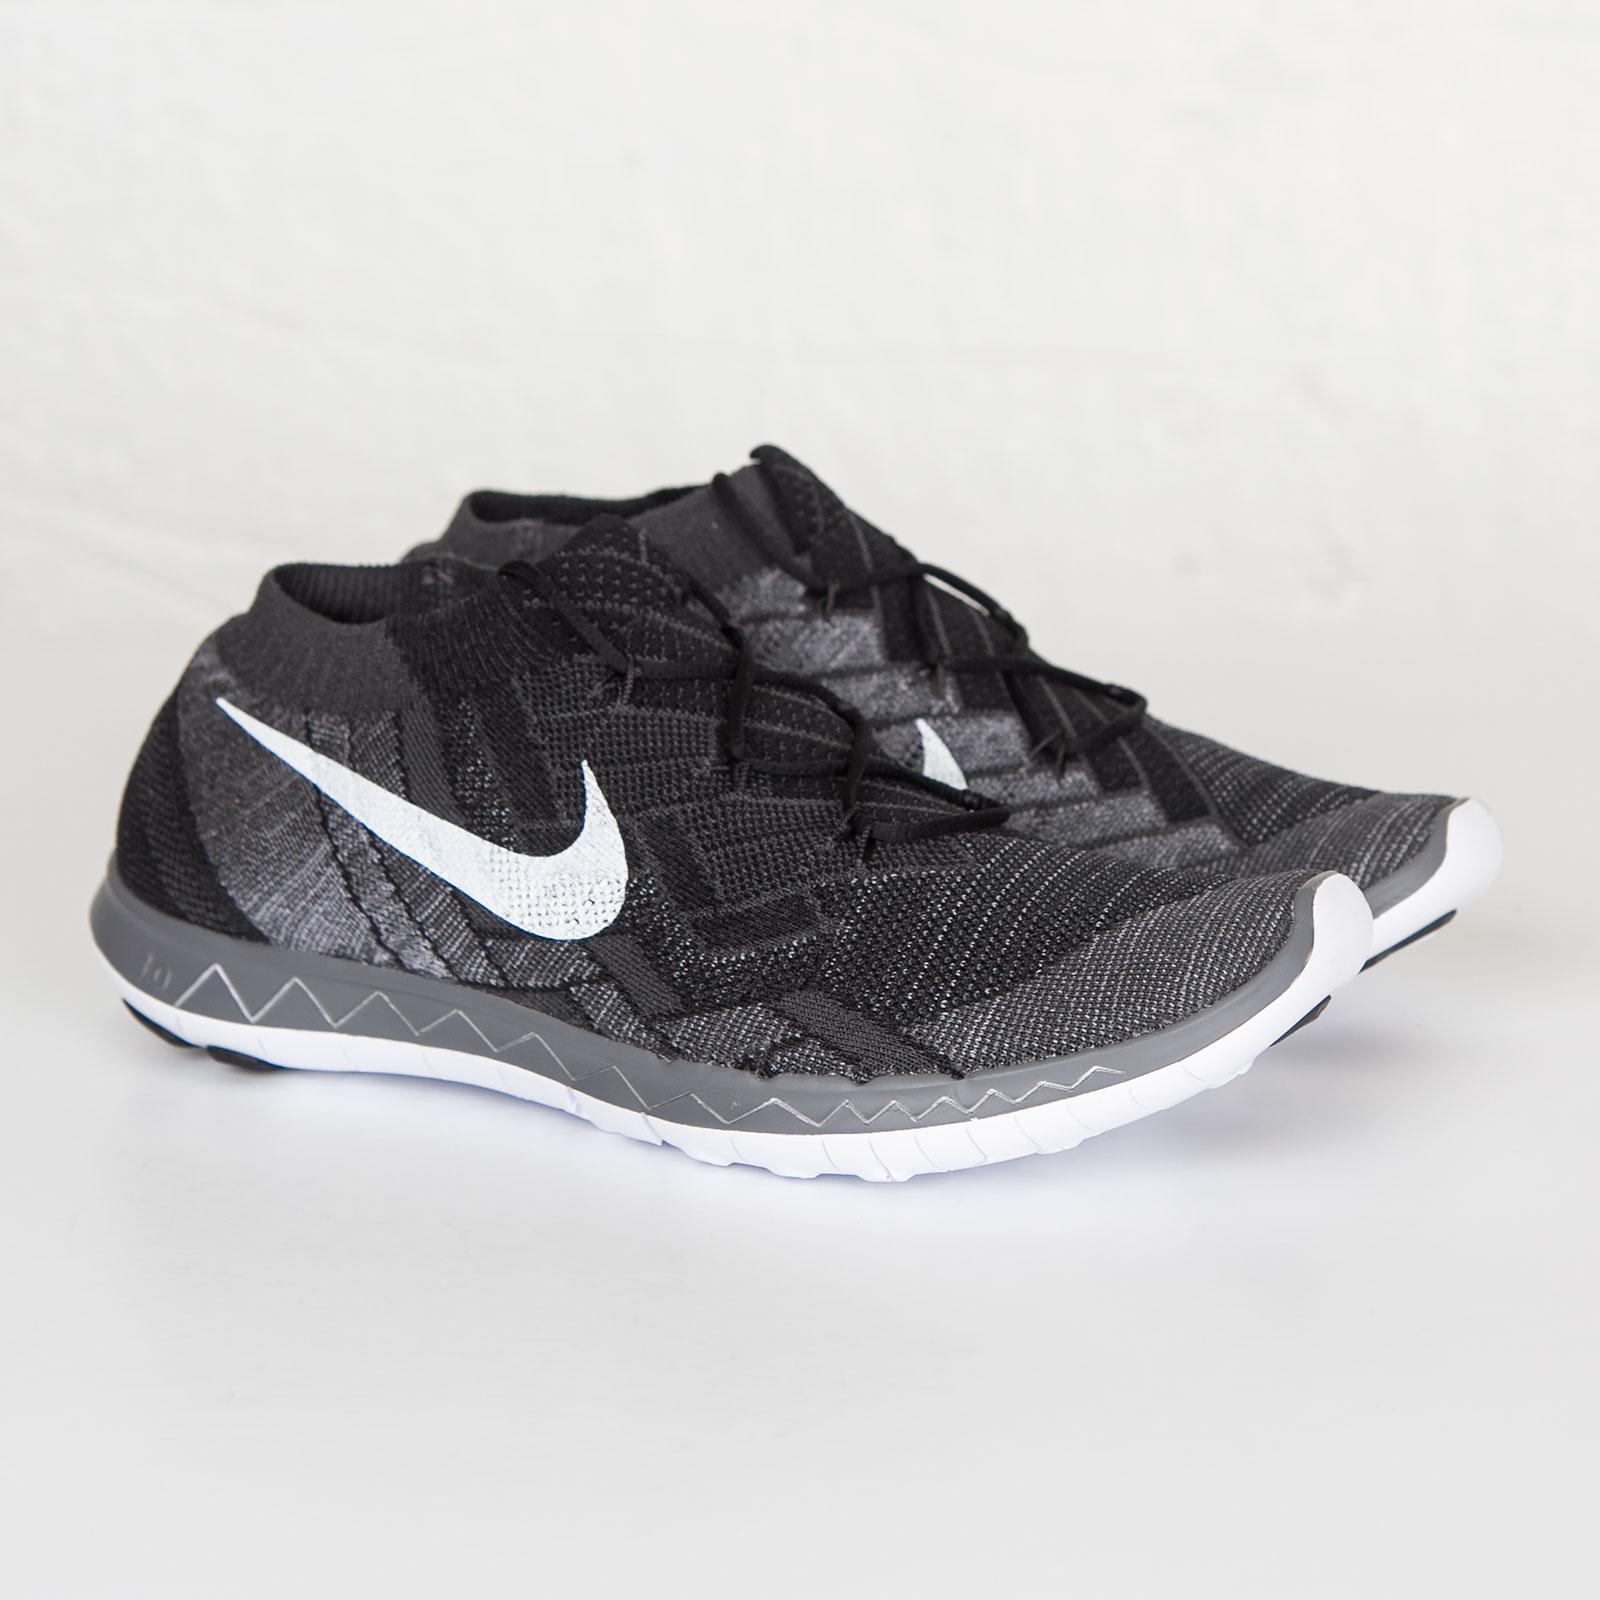 san francisco e7cf3 0b815 Nike Free 3.0 Flyknit - 718418-001 - Sneakersnstuff ...